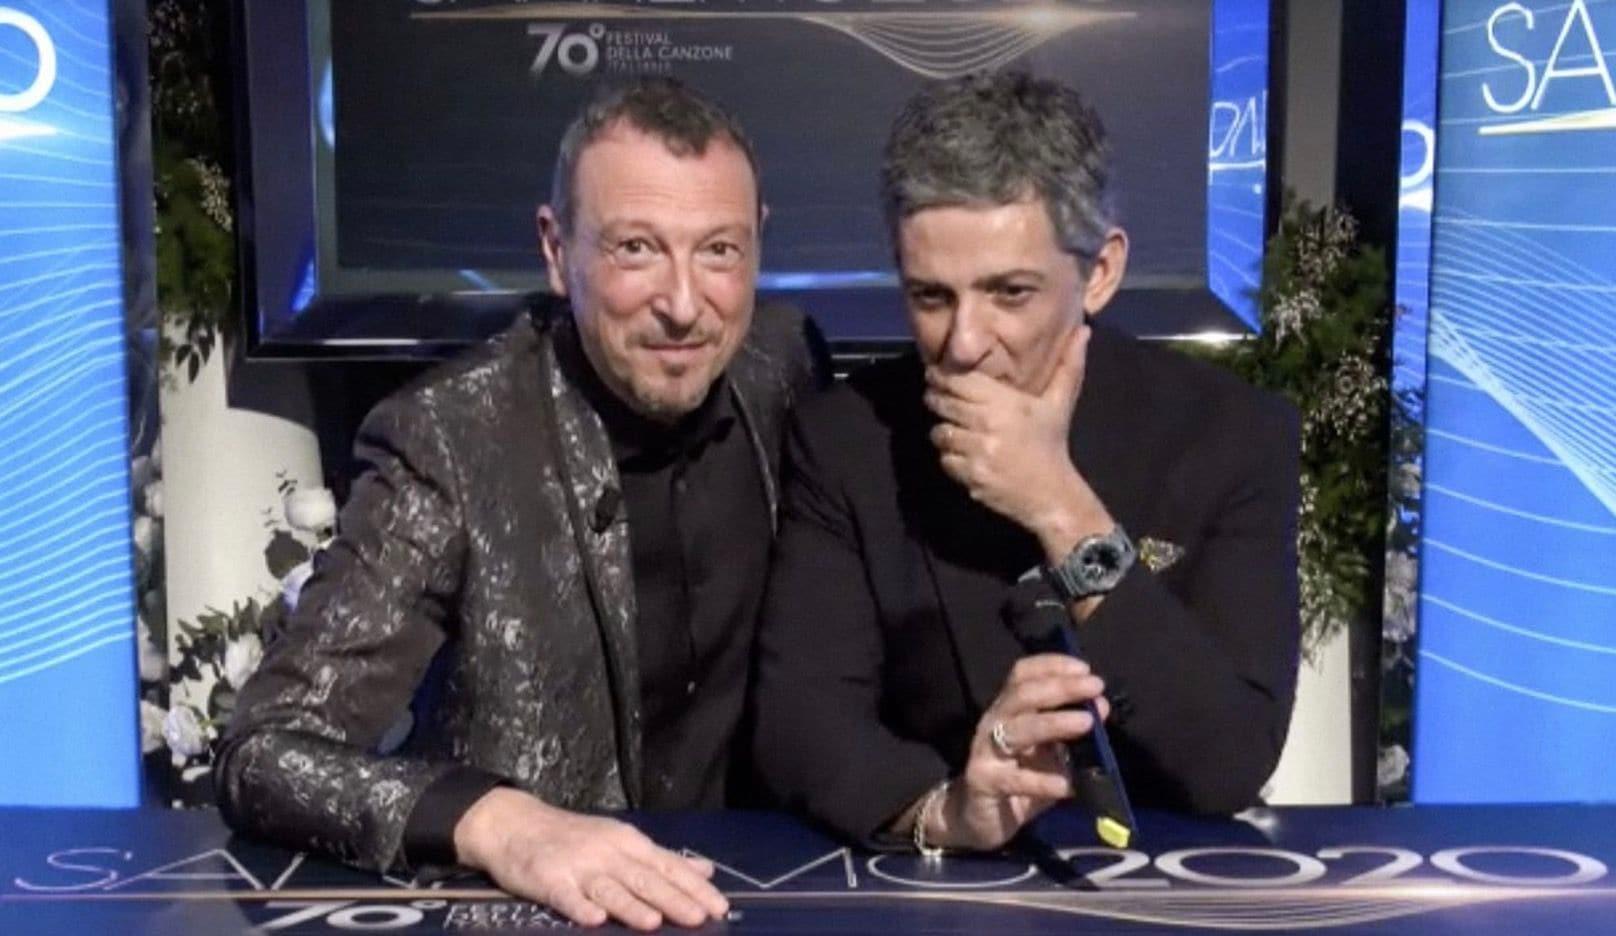 Sanremo 2021 slitta a marzo: ecco quando si terrà e chi lo c